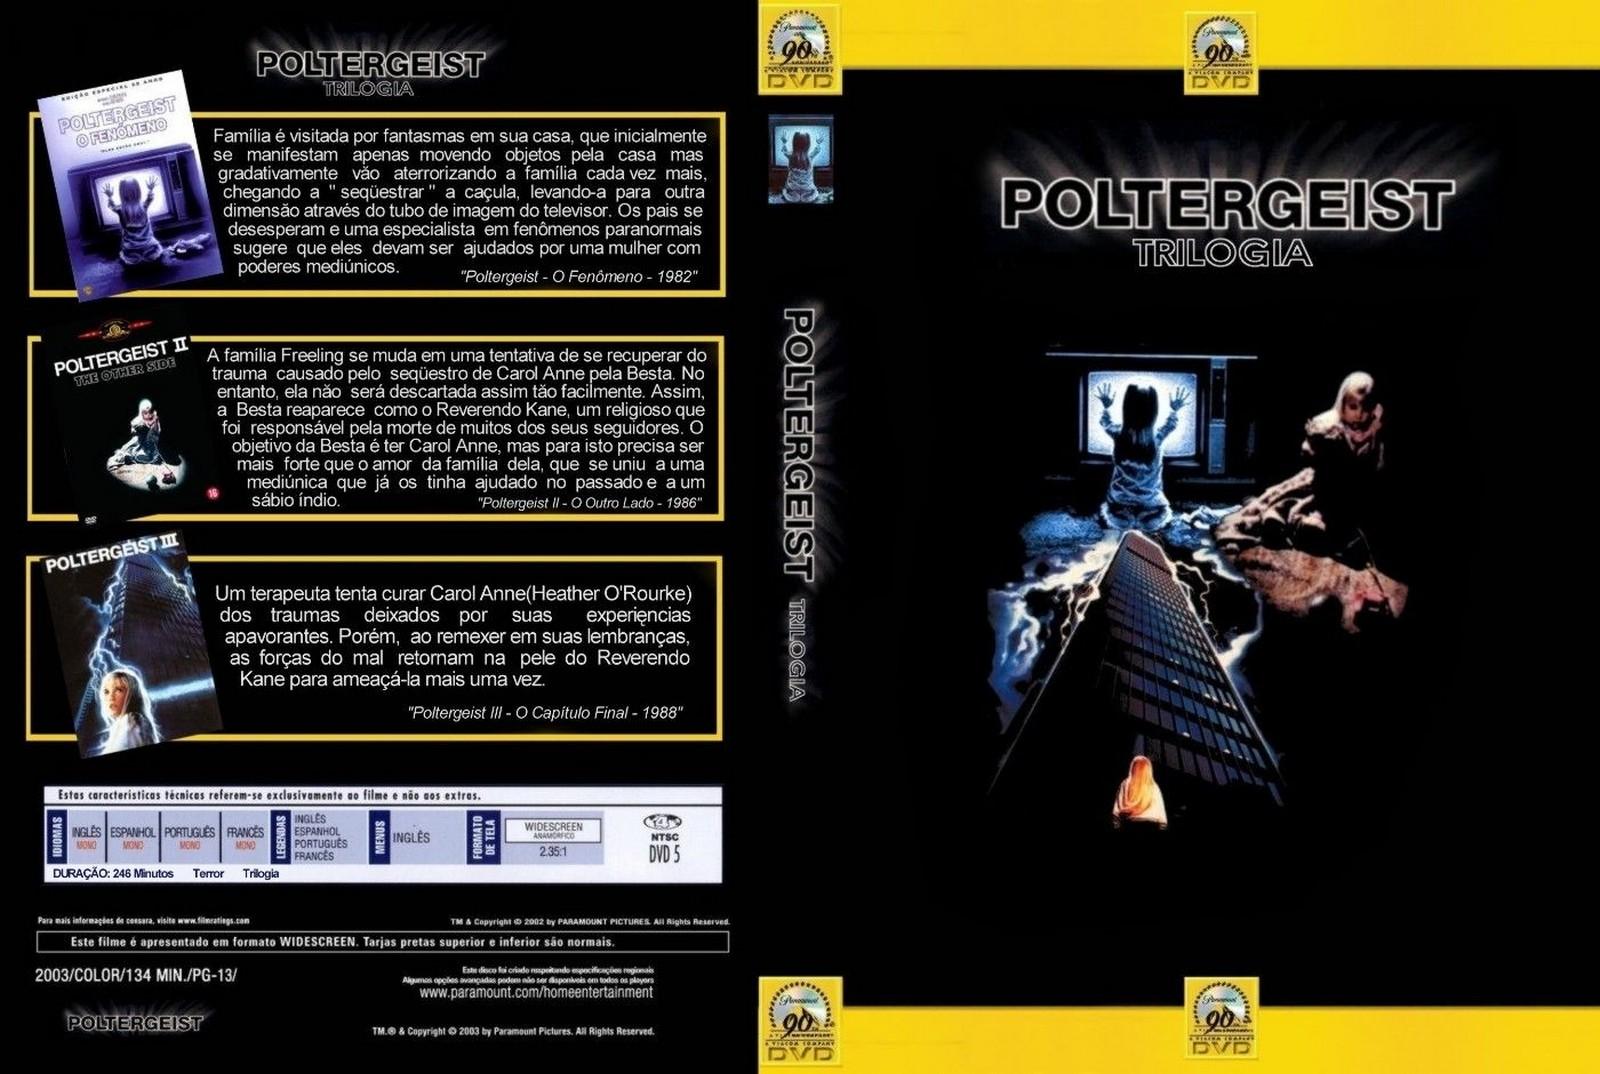 Poltergeist - Trilogia